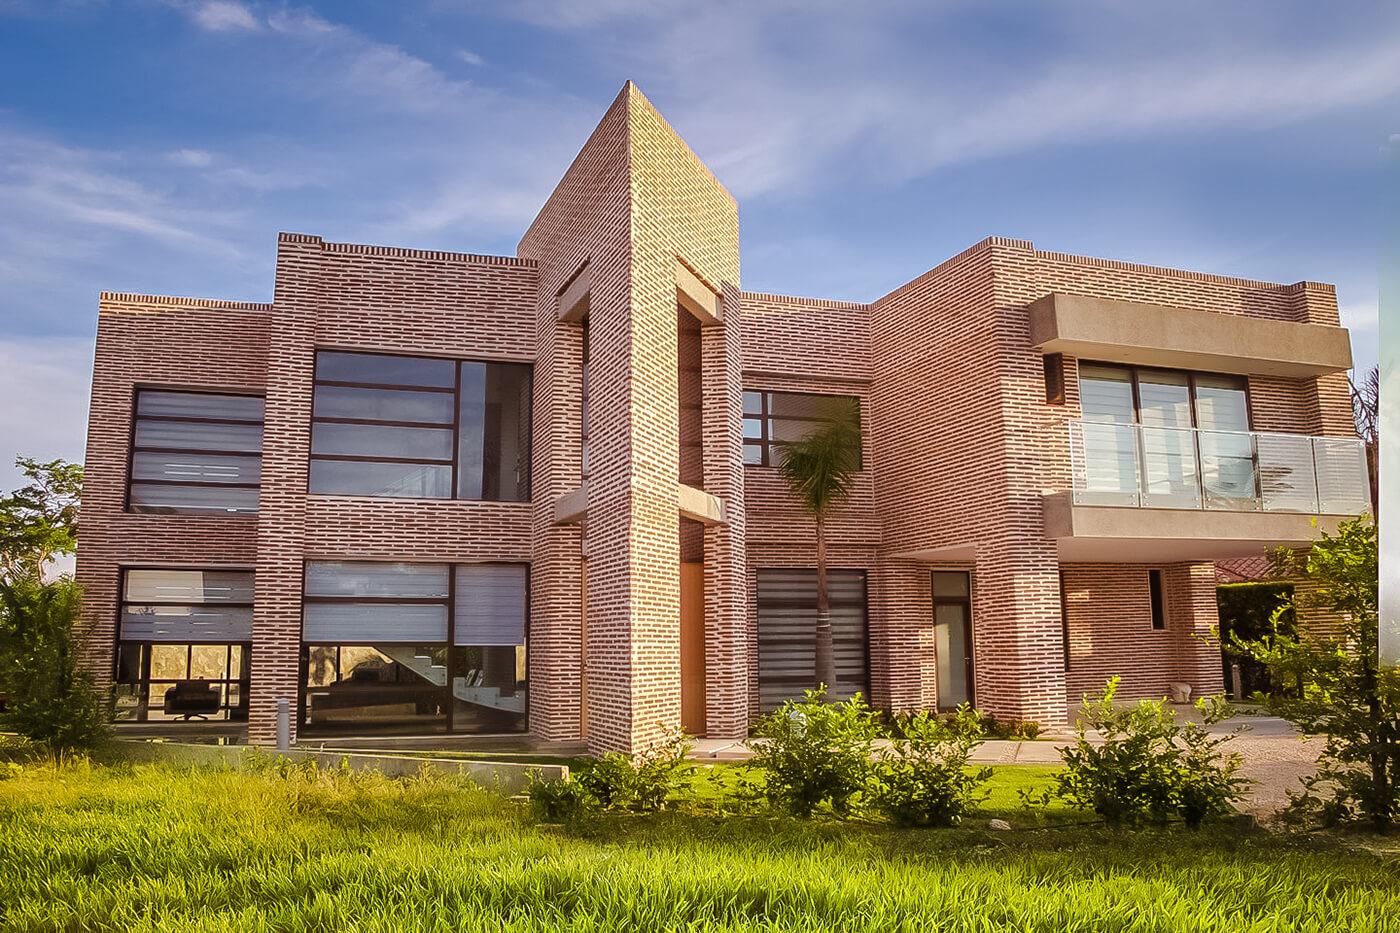 Home 15 Casa terranova de indias Slide 3